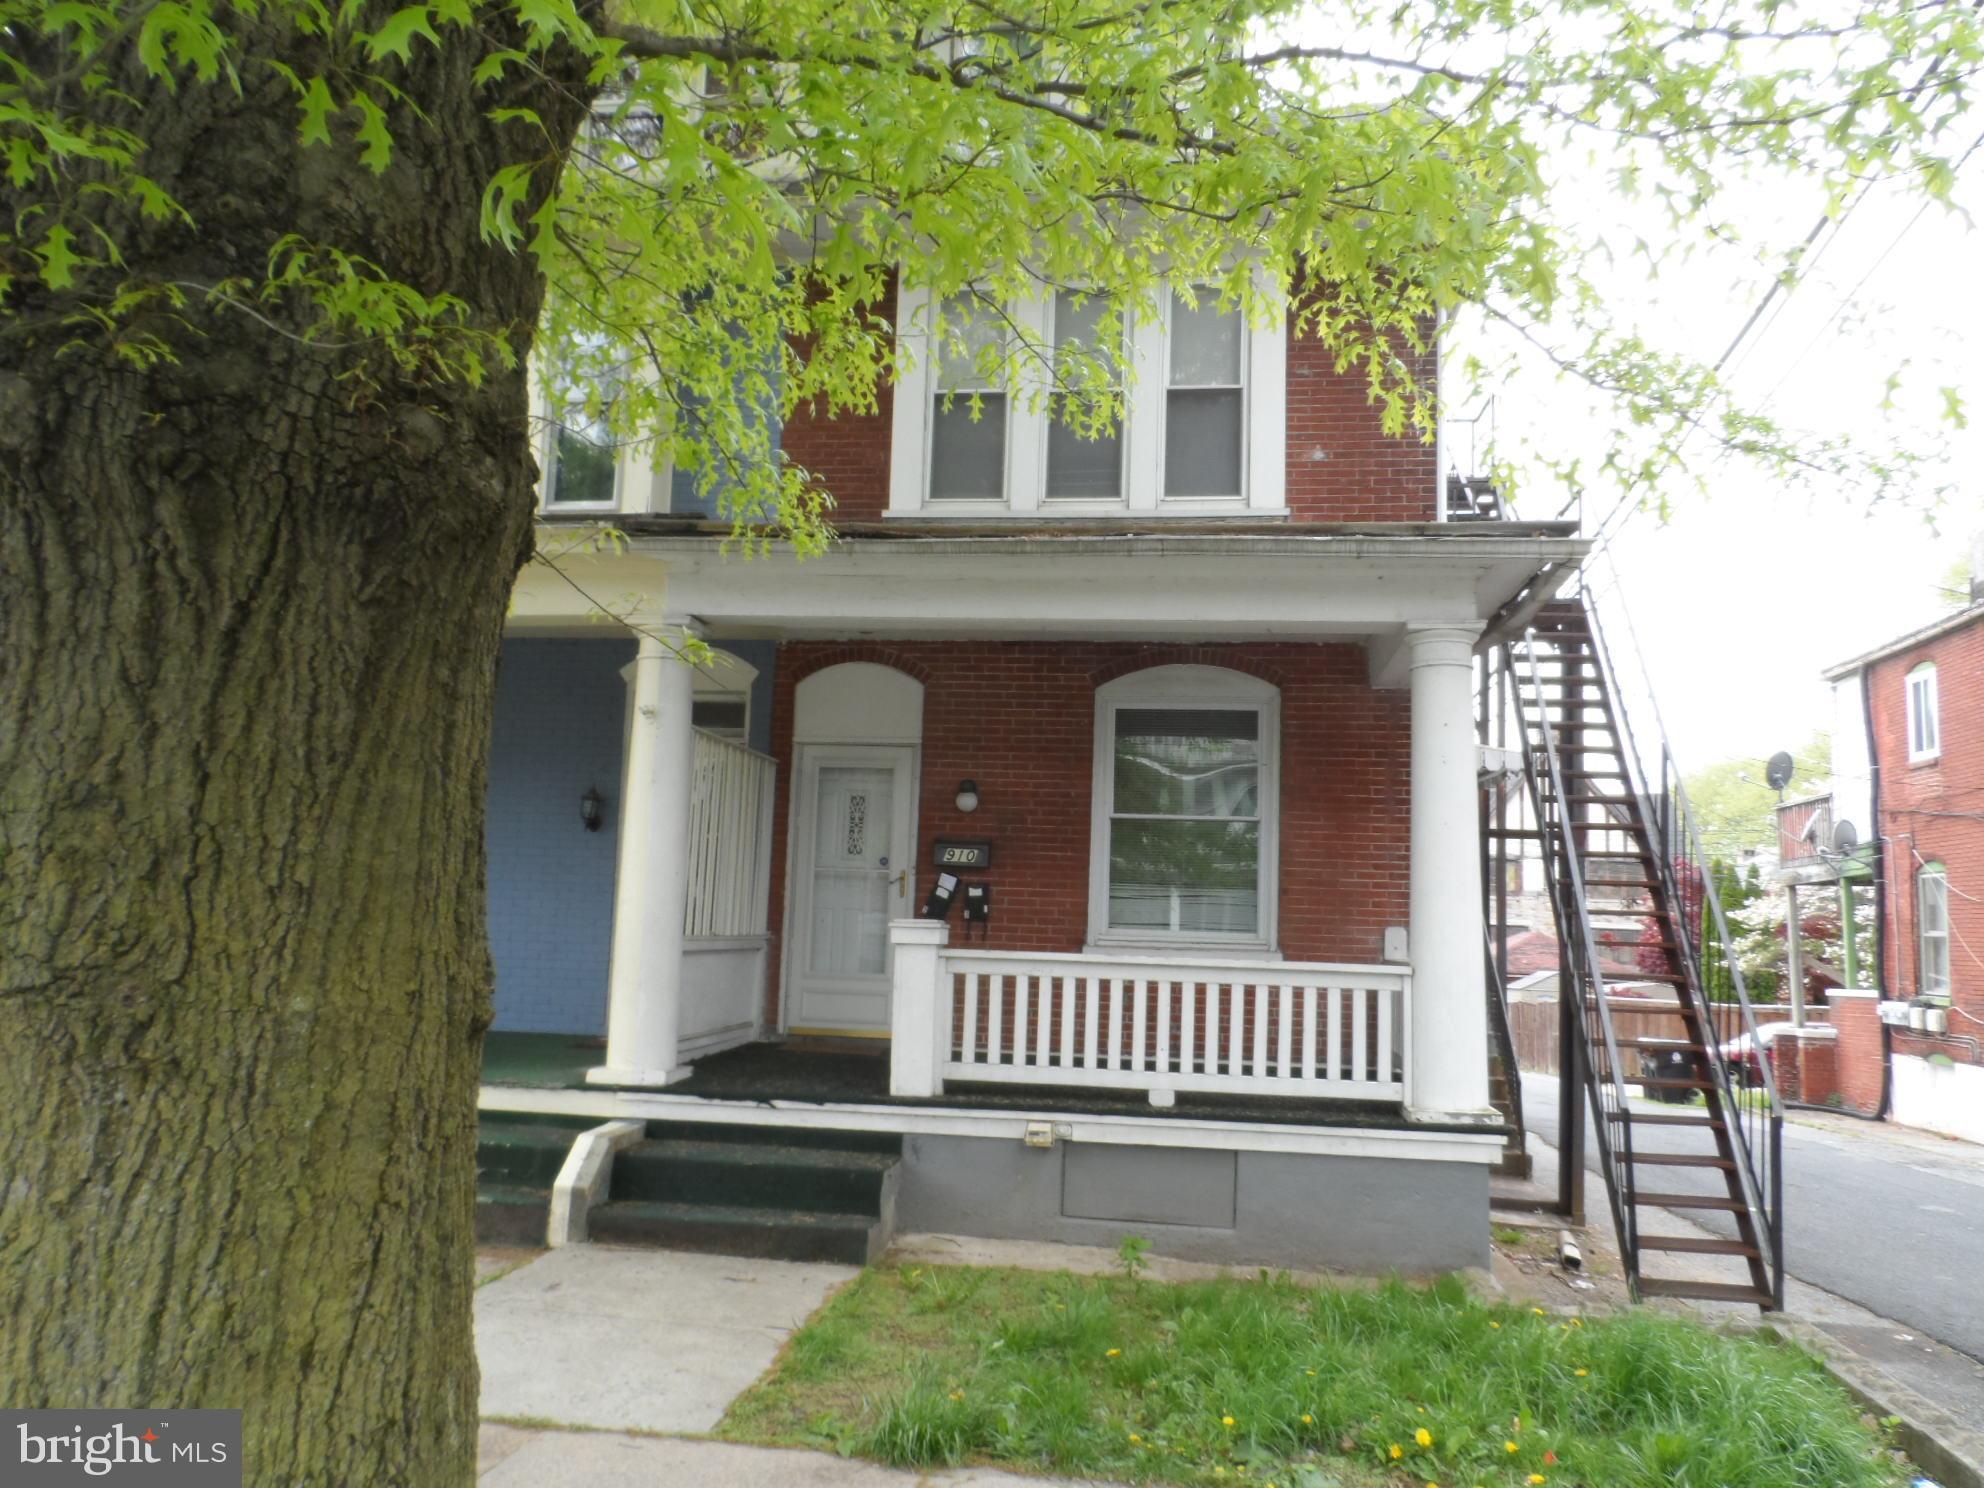 910 N 18TH STREET, HARRISBURG, PA 17103